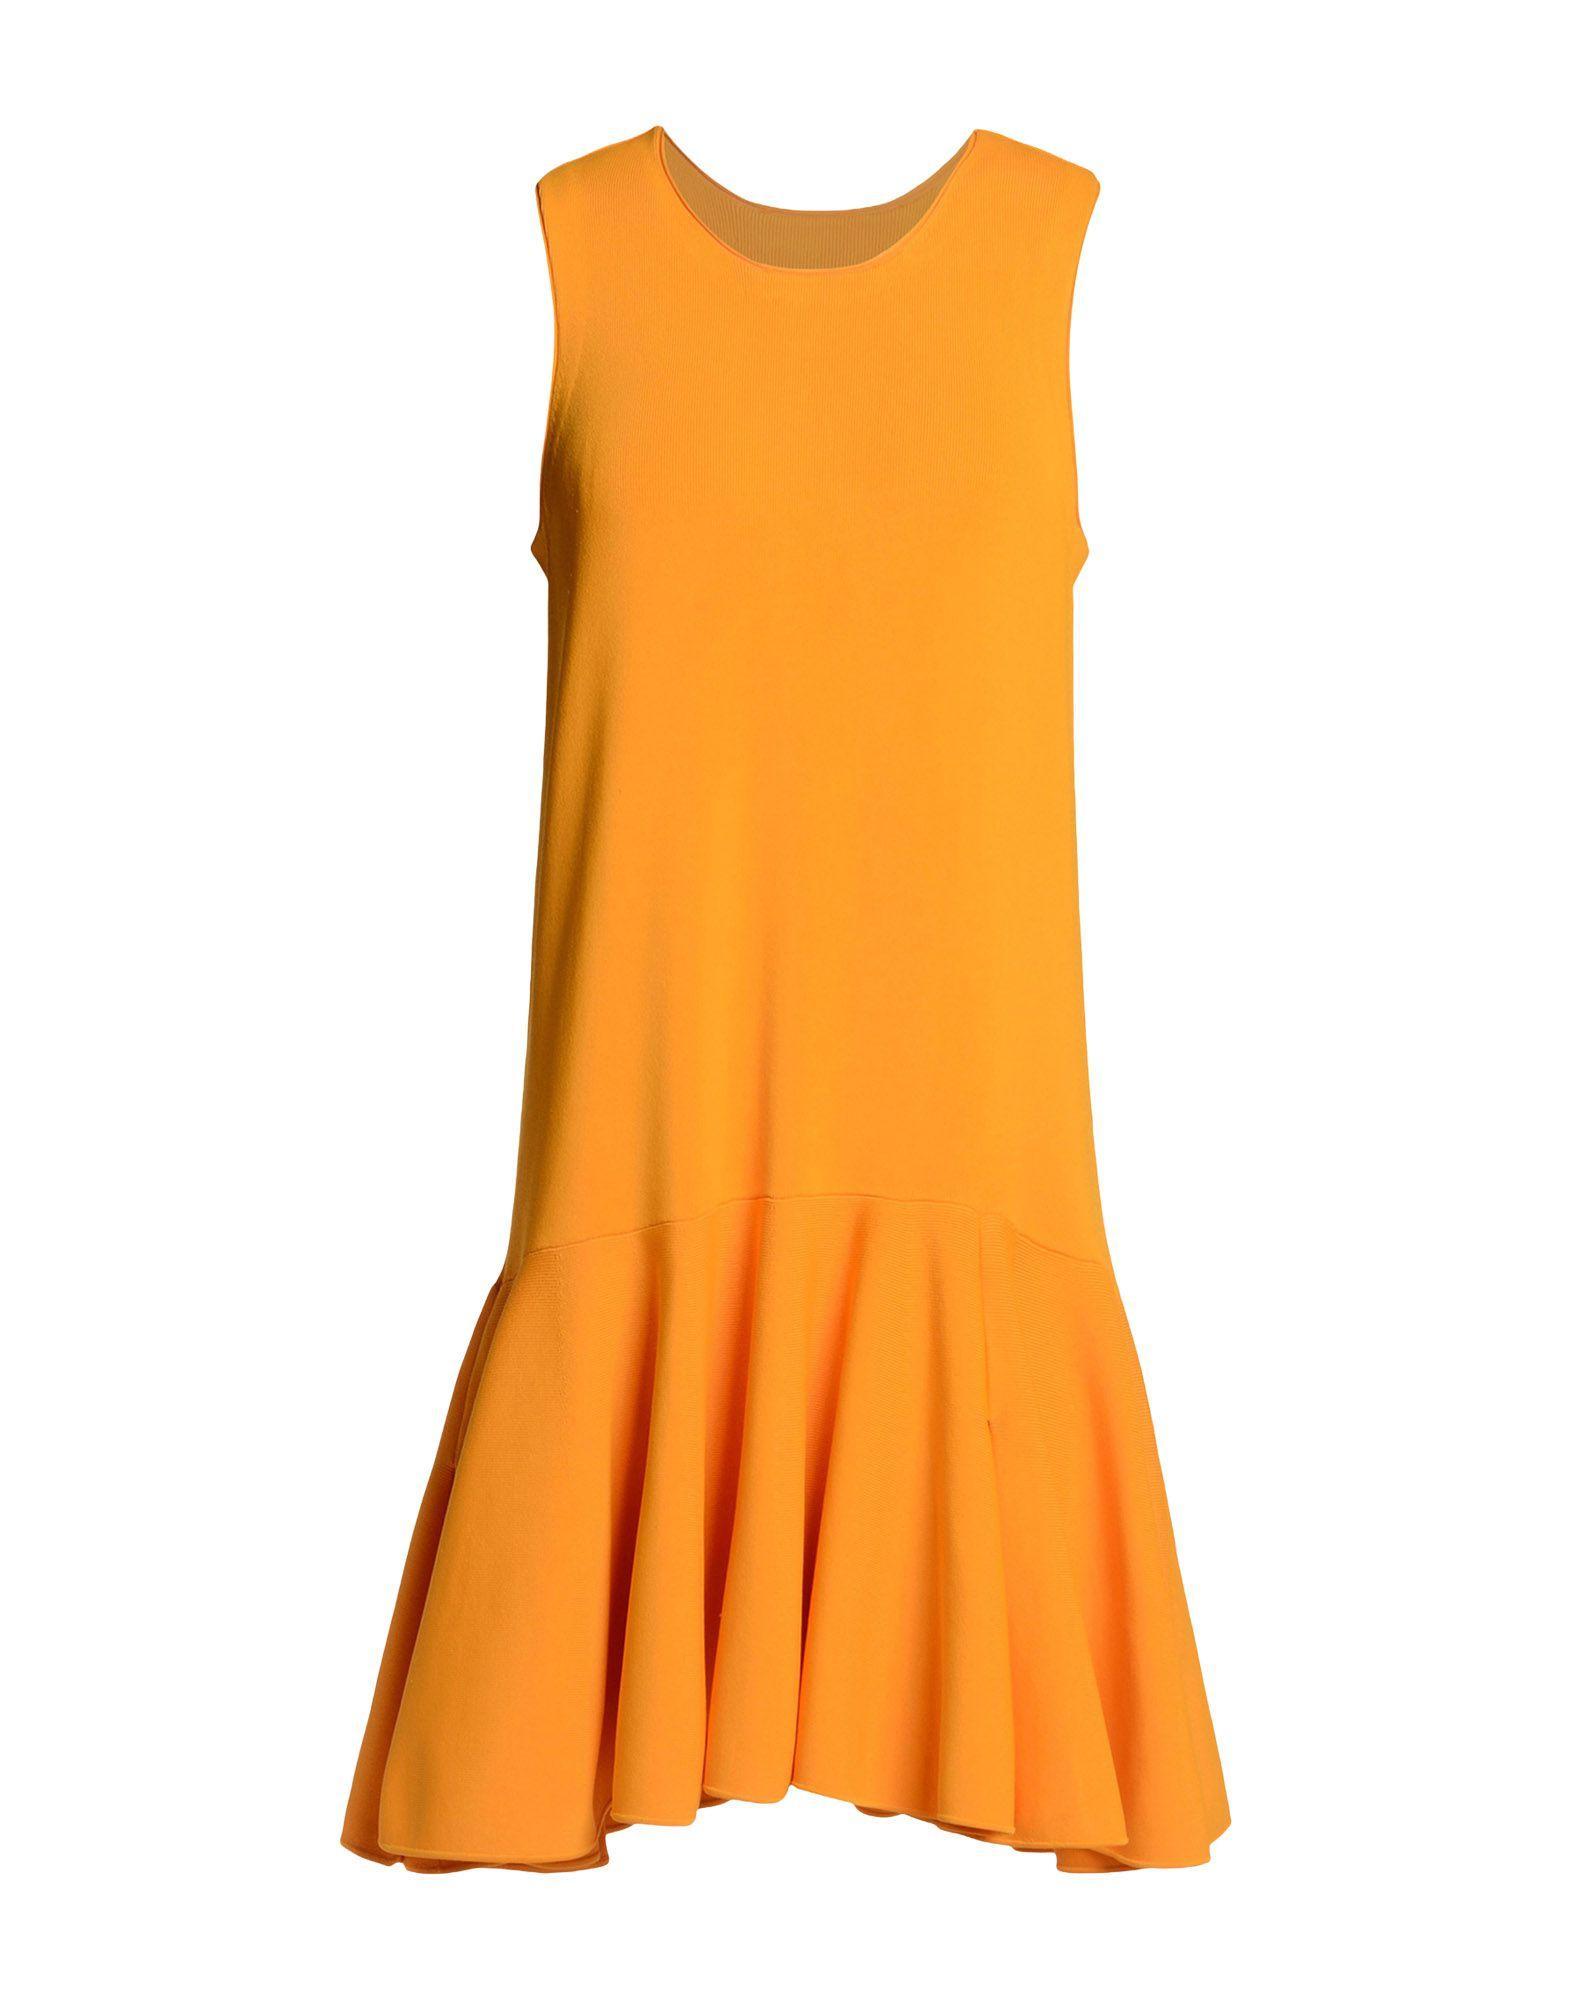 Issa Short Dress In Orange